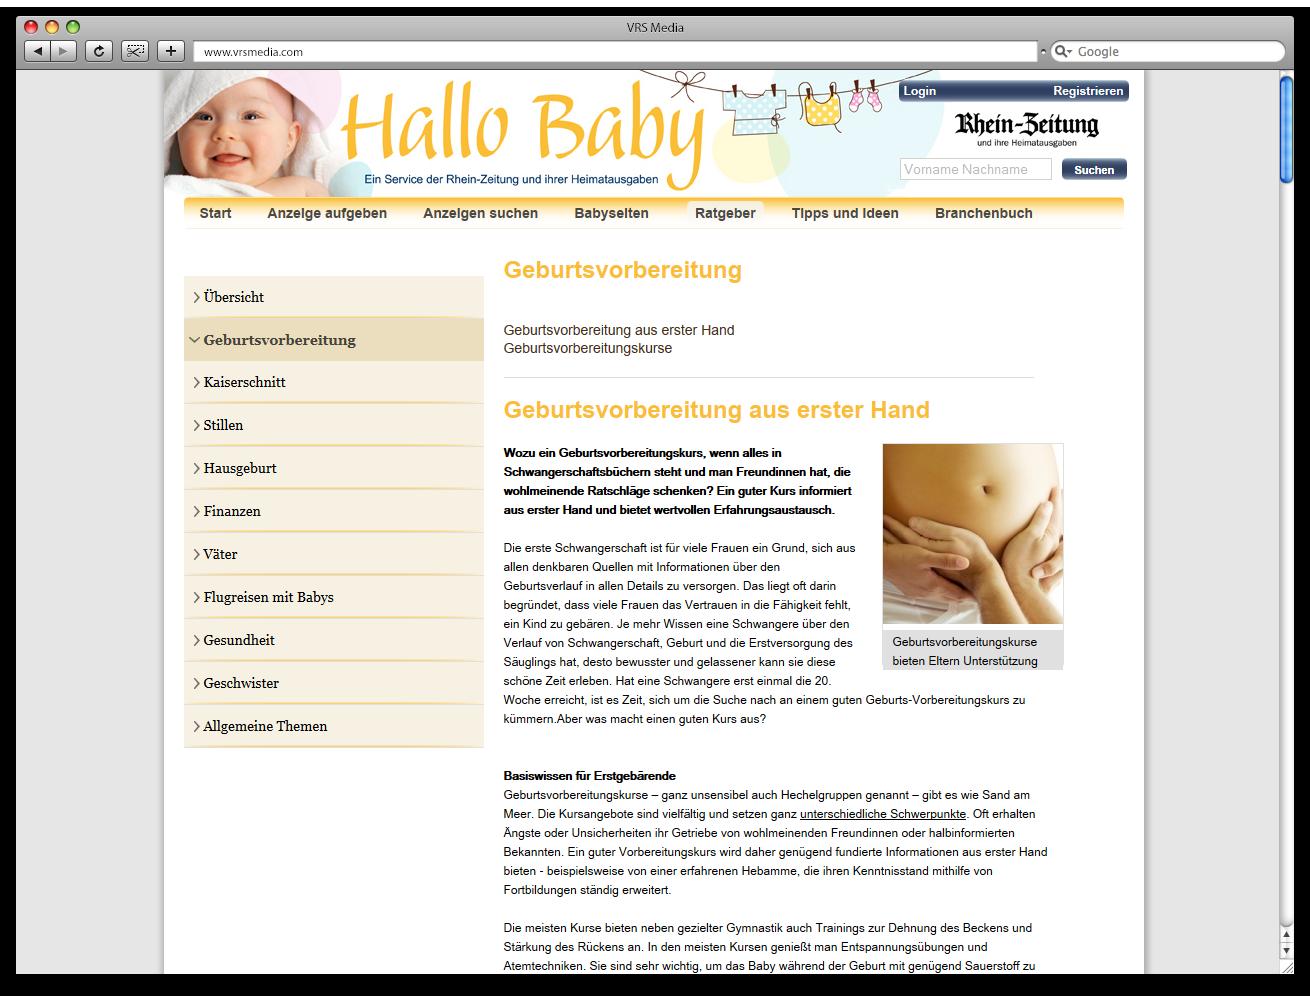 Screen VRSMedia Babyportal Ratgeberartikel, vrs.FamilyMarkets